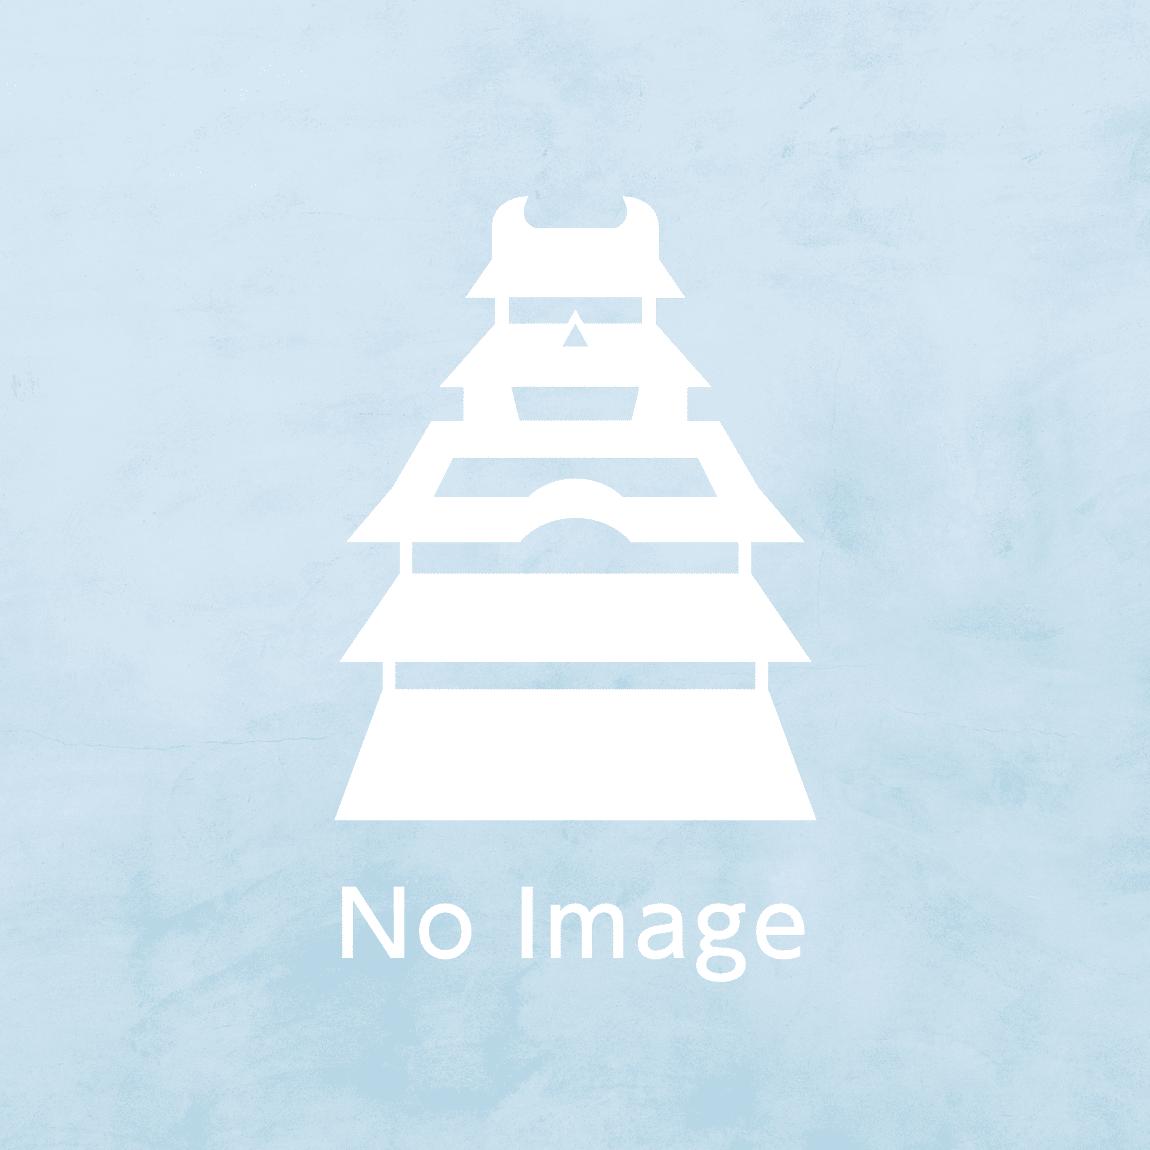 もよおしのサムネイル画像が設定されていない場合のデフォルトの画像です